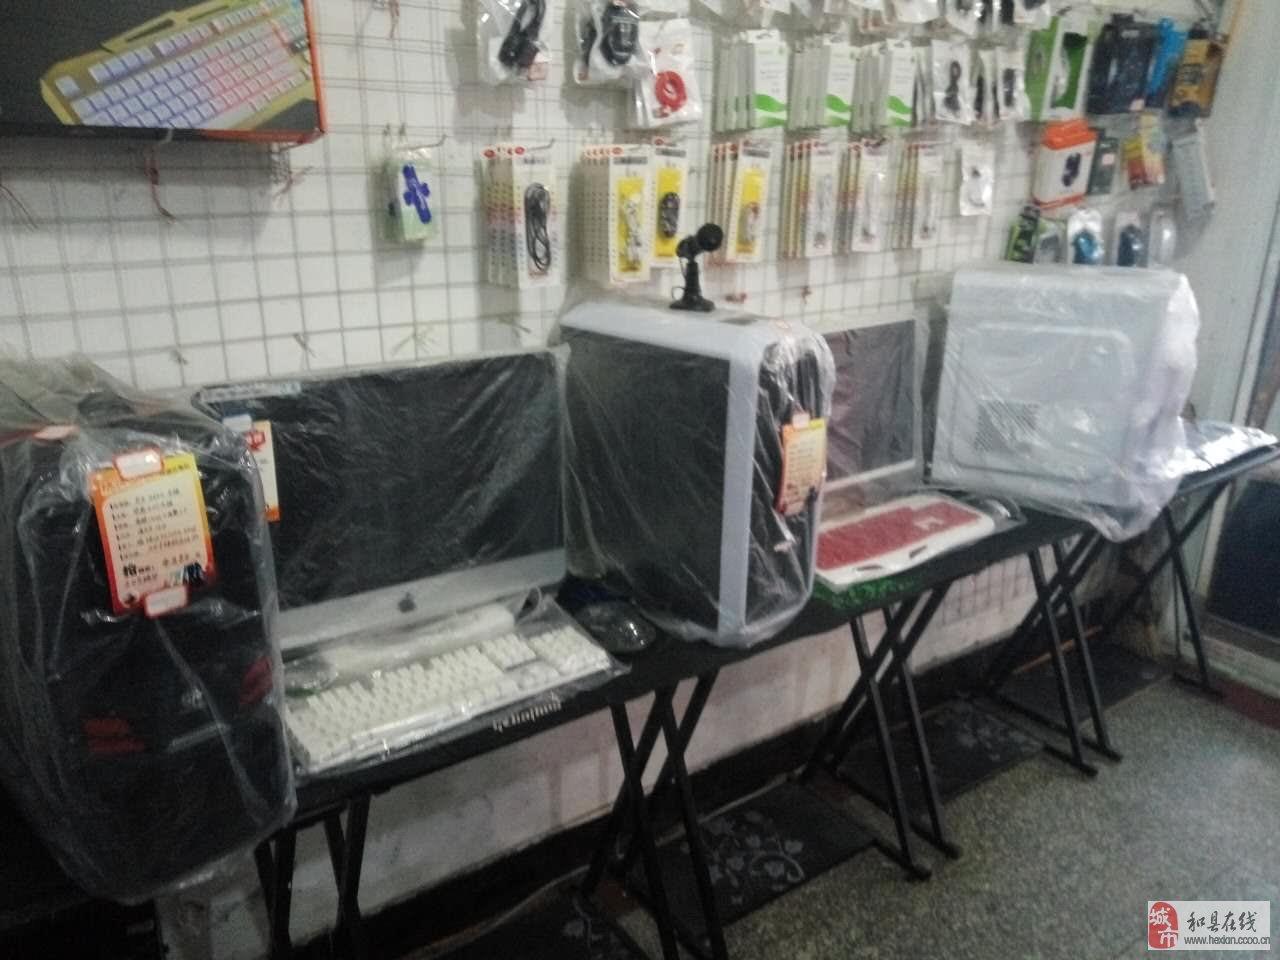 组装游戏电脑品牌一体机笔记本电脑升级维修